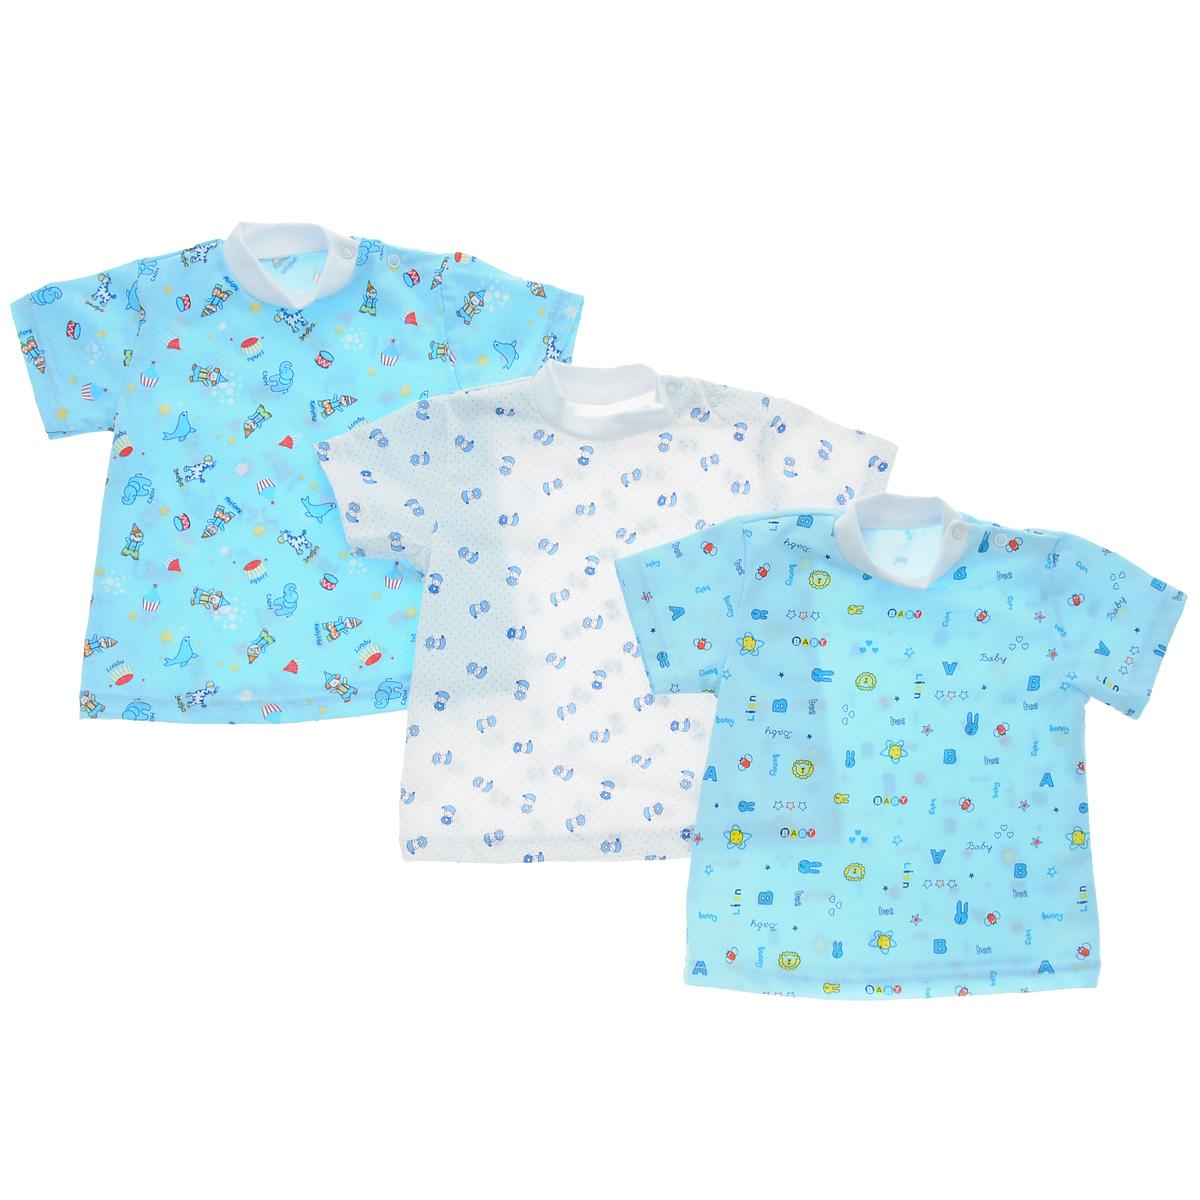 Комплект футболок для мальчика, 3 шт. 10-237м10-237мКомплект Фреш Стайл состоит из трех футболок для мальчика разных цветов с забавными рисунками. Выполненные из натурального хлопка, они необычайно мягкие и приятные на ощупь, не раздражают нежную кожу ребенка и хорошо вентилируются. Футболки с короткими рукавами и воротником-стойкой застегиваются на две застежки-кнопки по плечу, что помогает без проблем переодет малыша. Оригинальное сочетание тканей и забавный рисунок делают этот предмет детской одежды оригинальным и стильным. УВАЖАЕМЫЕ КЛИЕНТЫ! Обращаем ваше внимание на возможные изменения в дизайне, связанные с ассортиментом продукции: рисунок и цветовая гамма могут отличаться от представленного на изображении. Возможные варианты рисунков и цветов представлены на отдельном изображении фрагментом ткани.